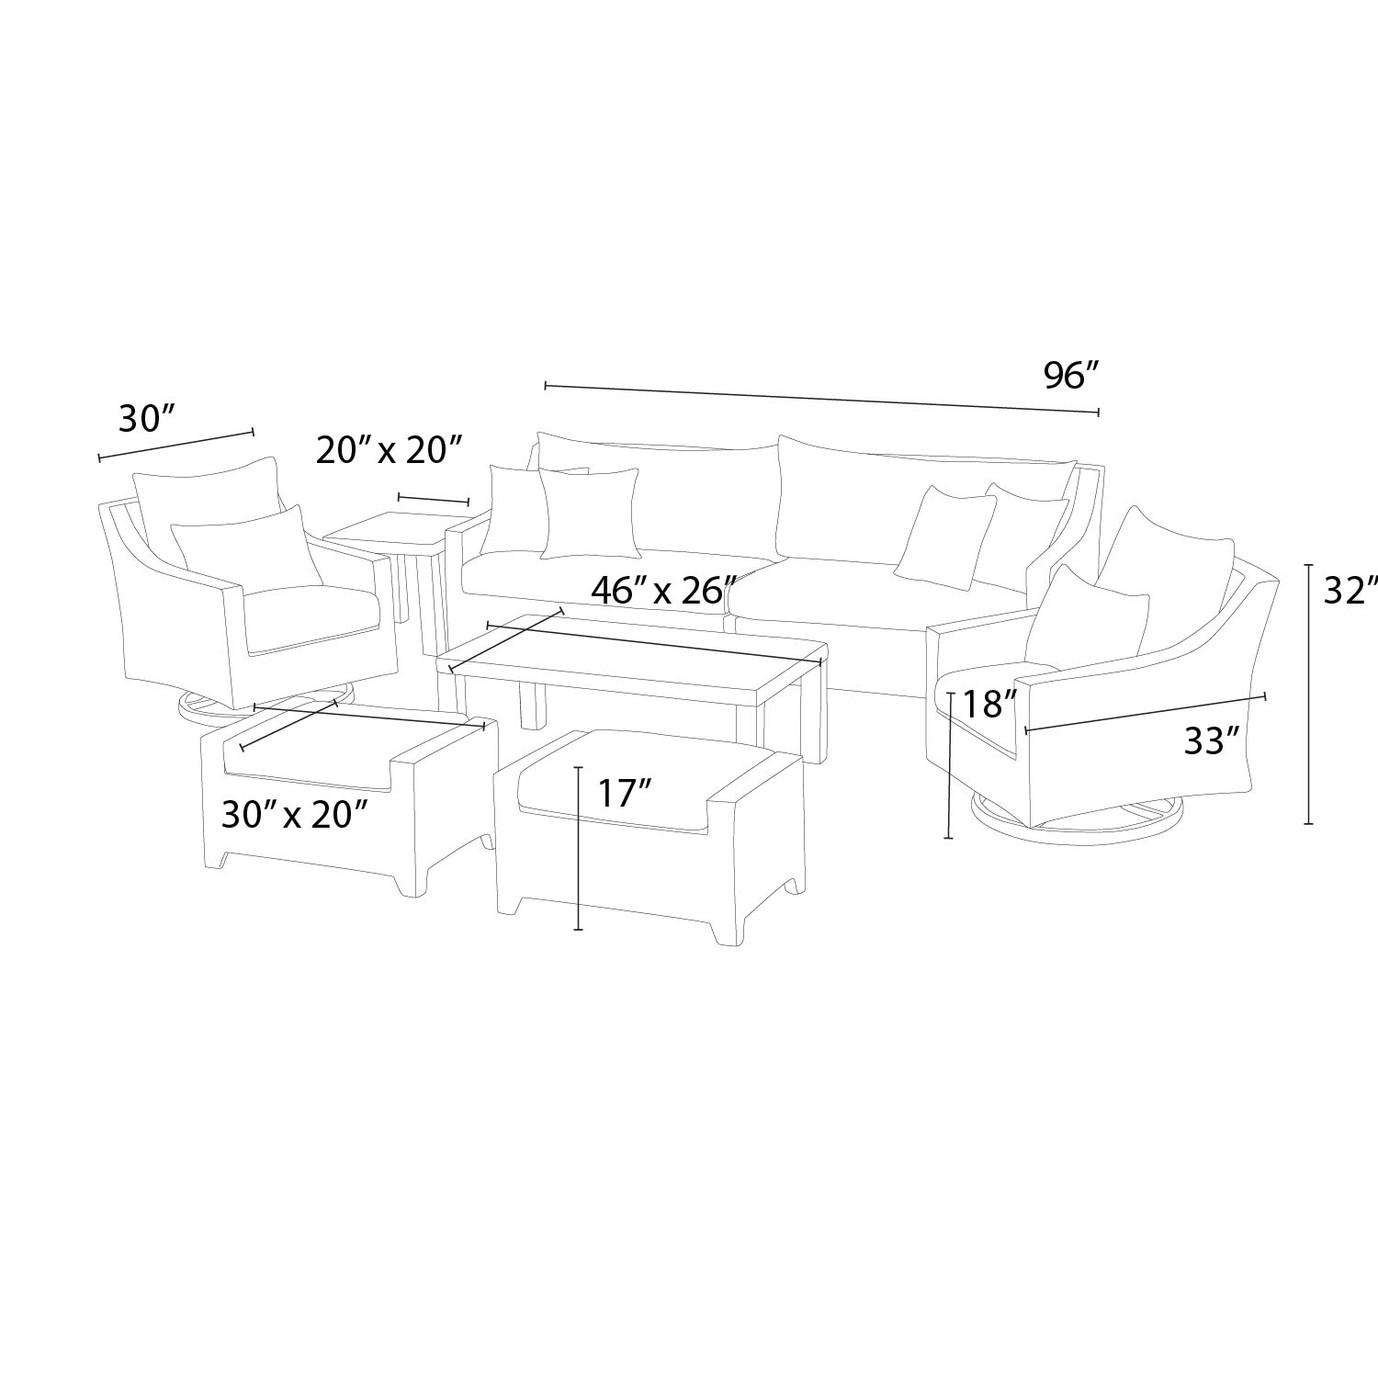 Deco™ Deluxe 8pc Sofa & Club Chair Set - Moroccan Cream